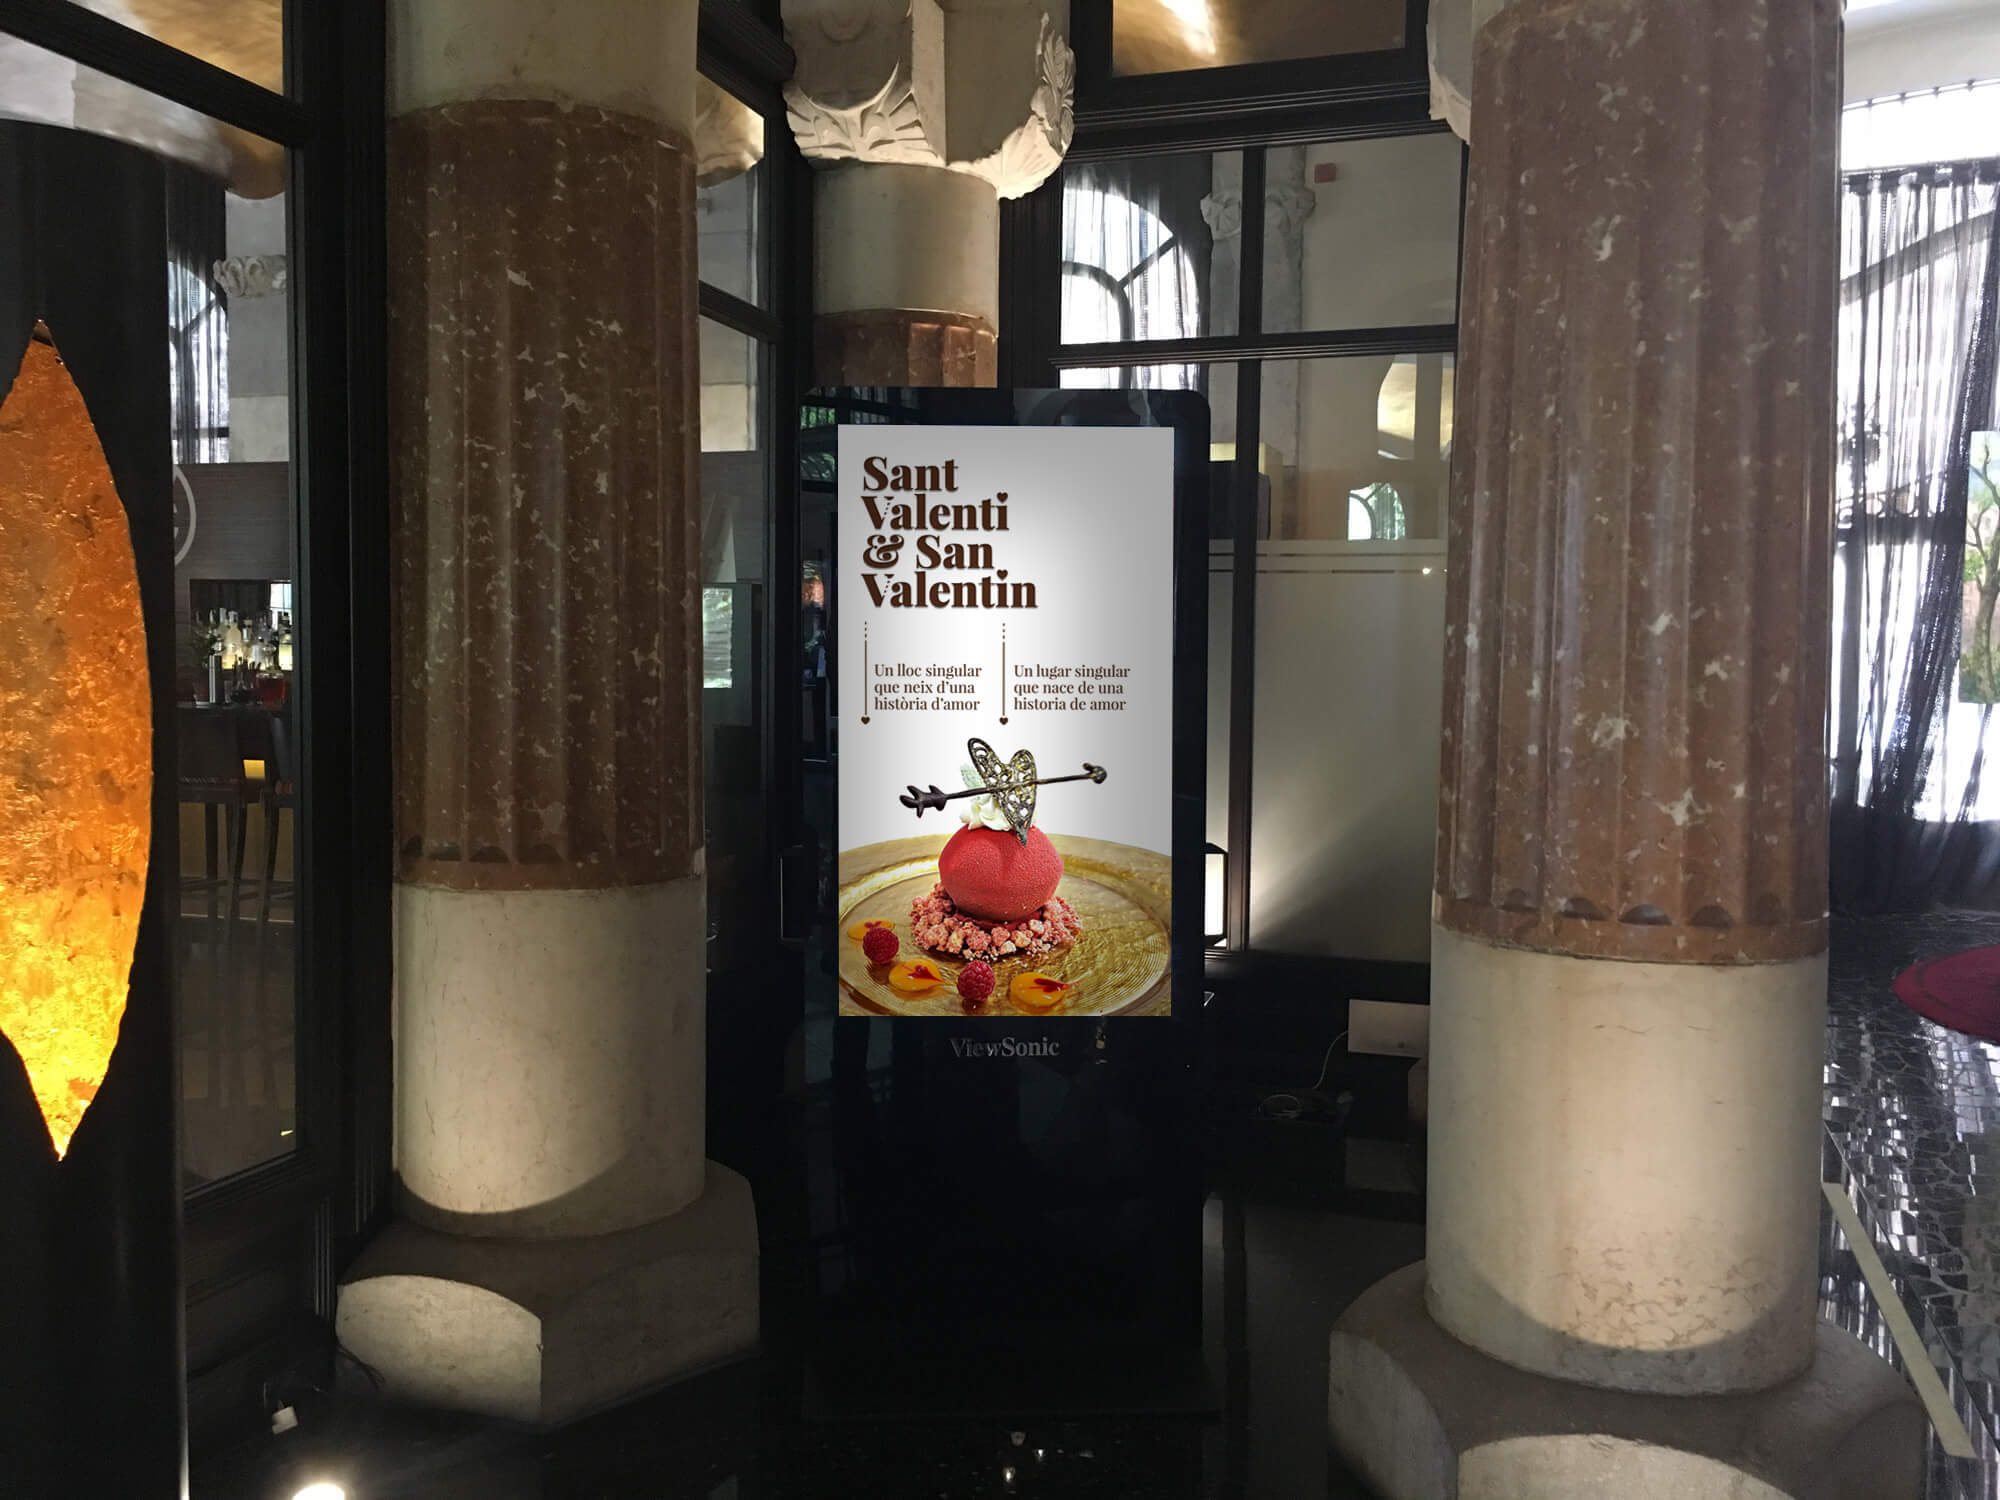 Hotel Casa Fuster, Hotel, Barcelona, Sant Valentí, Newsletter, la Negreta, Disseny Gràfic, Barri de Gràcia, Digital, Comunicació, Mailchimp, TV